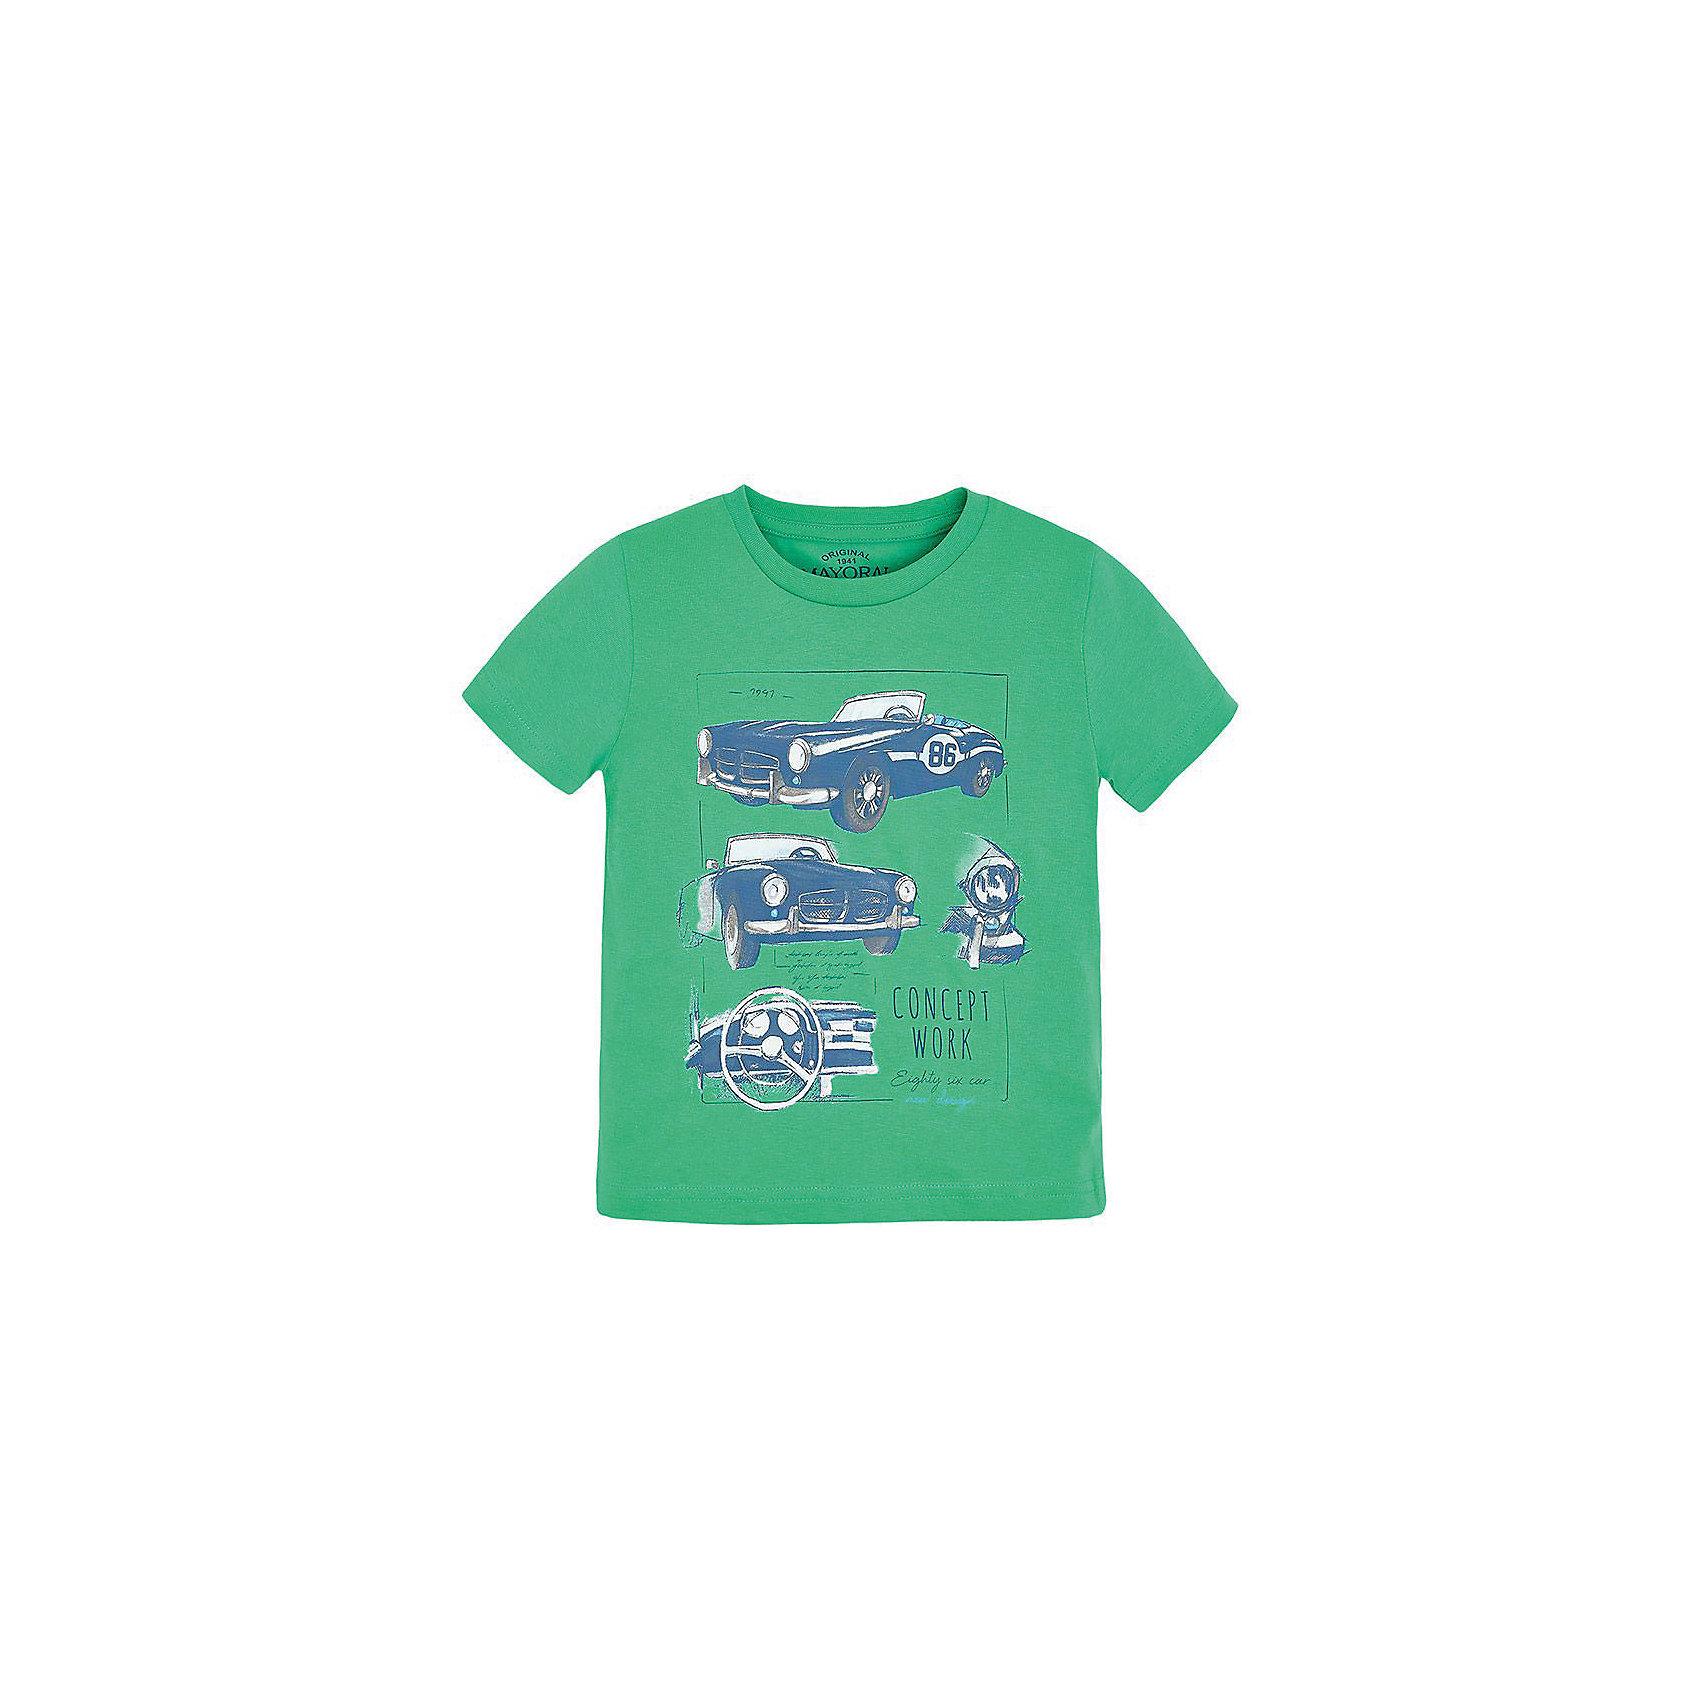 Футболка для мальчика MayoralФутболка для мальчика от известной испанской марки Mayoral <br><br>Модная хлопковая футболка от Mayoral - отличный вариант одежды на каждый день! Она прекрасно сочетается с джинсами и шортами. Модель выполнена из качественных материалов, отлично сидит по фигуре.<br><br>Особенности модели:<br><br>- цвет: зеленый;<br>- рукава короткие;<br>- украшена принтом;<br>- натуральный материал.<br><br>Дополнительная информация:<br><br>Состав: 100% хлопок<br><br>Футболку для мальчика Mayoral (Майорал) можно купить в нашем магазине.<br><br>Ширина мм: 199<br>Глубина мм: 10<br>Высота мм: 161<br>Вес г: 151<br>Цвет: зеленый<br>Возраст от месяцев: 84<br>Возраст до месяцев: 96<br>Пол: Мужской<br>Возраст: Детский<br>Размер: 128,122,104,116,134,110,98<br>SKU: 4541453